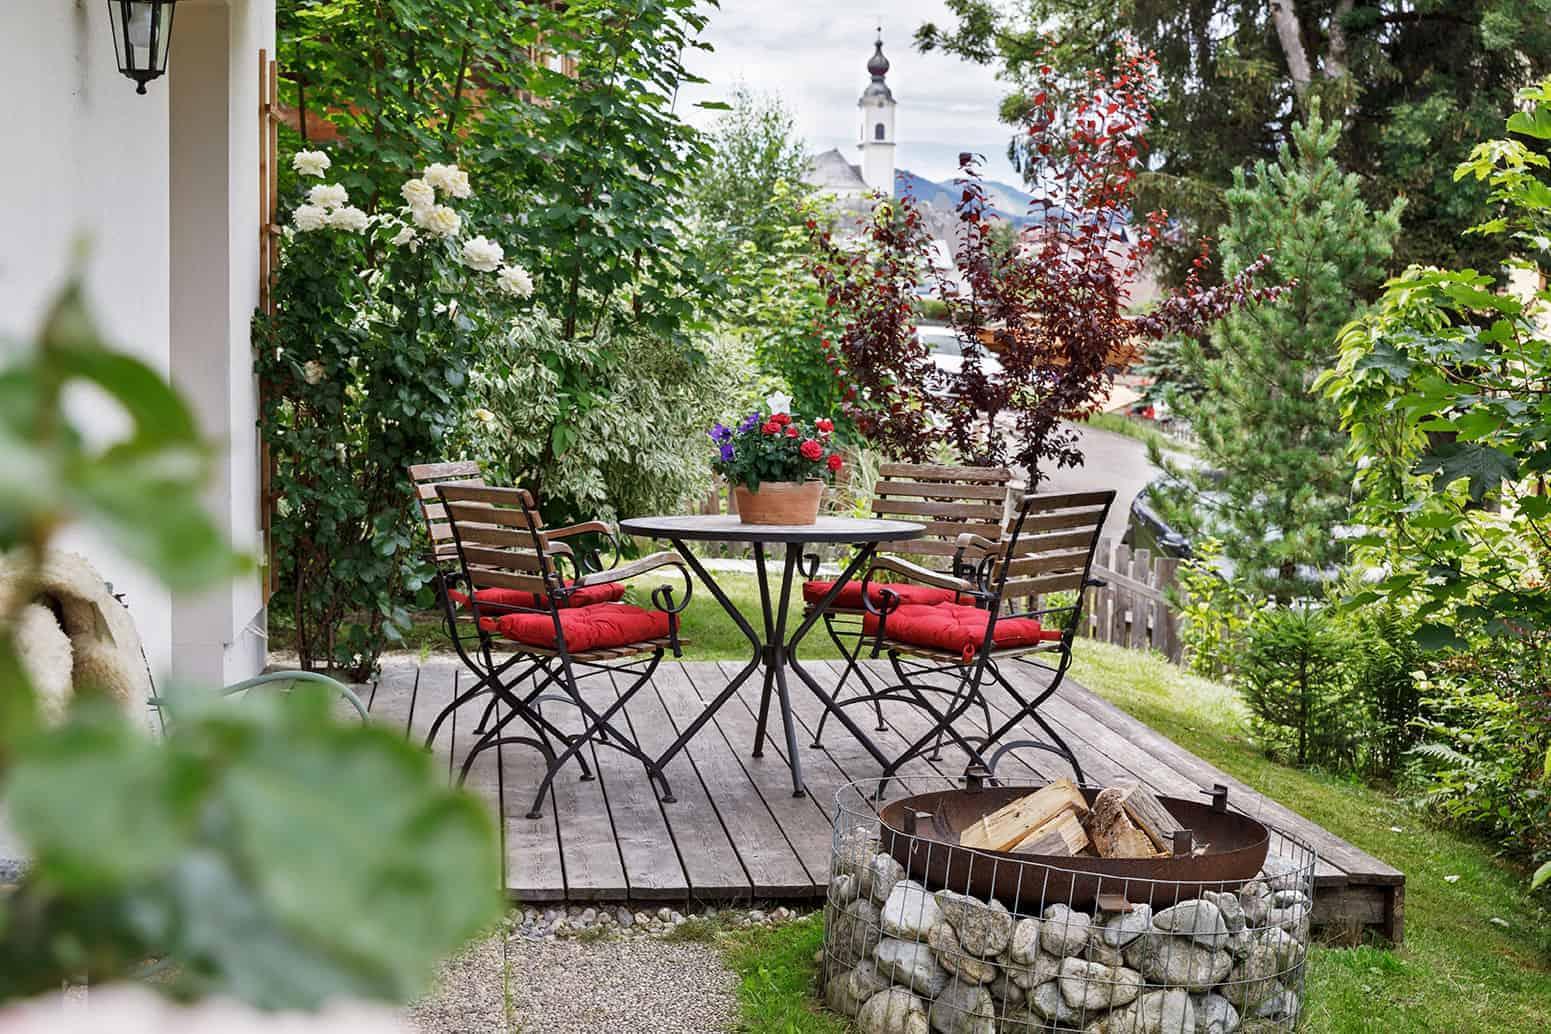 Man sieht einen kleinen runden Tisch mit vier Stühlen auf einer Veranda. Diese ist von Blumen und Bäumen umgeben.